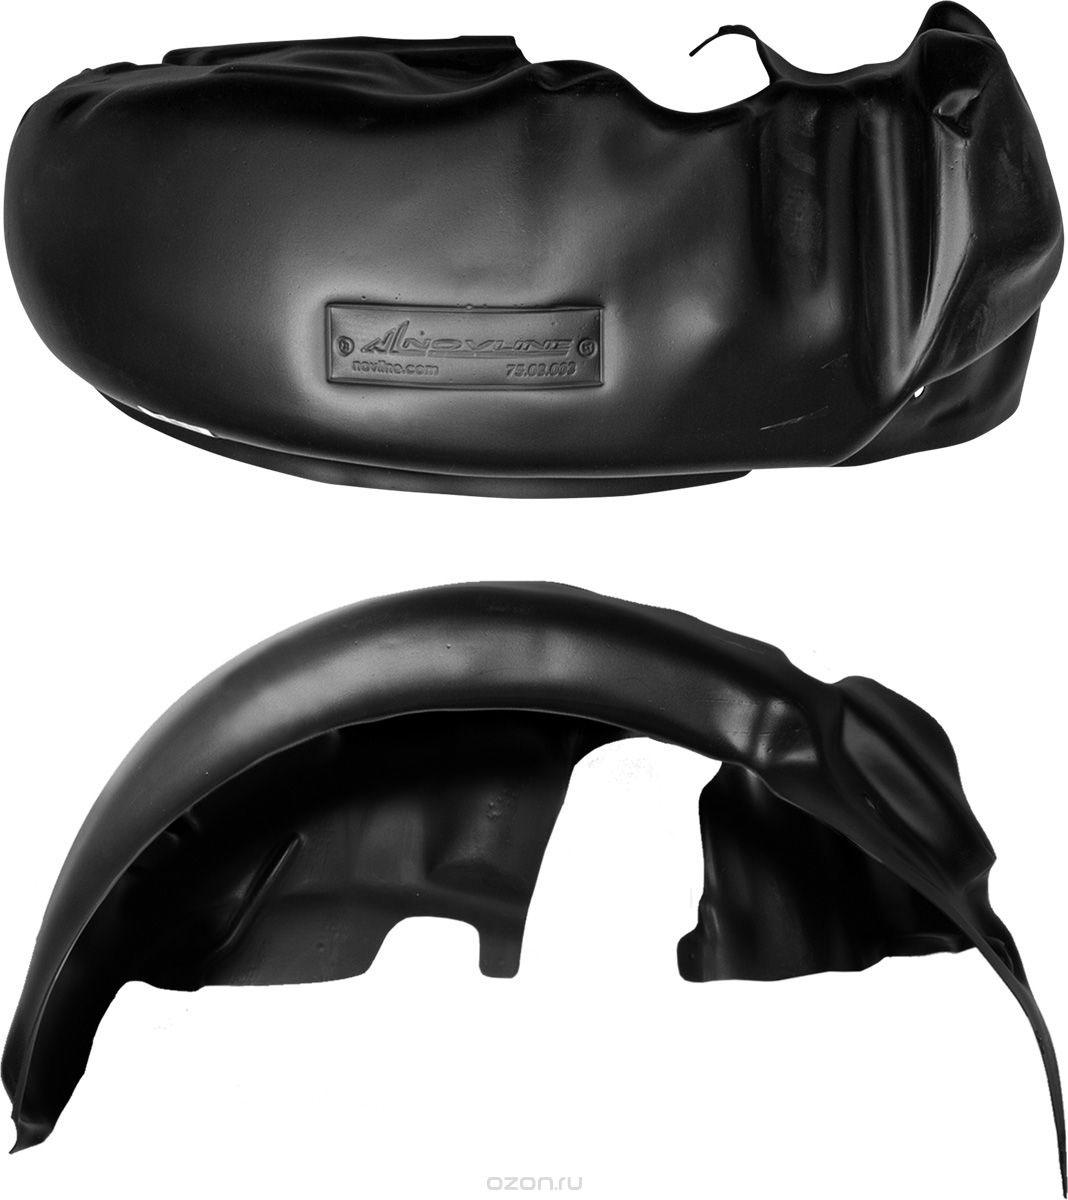 Подкрылок Novline-Autofamily, для Brilliance H230, 04/2015->, задний правыйNLL.95.02.004Идеальная защита колесной ниши. Локеры разработаны с применением цифровых технологий, гарантируют максимальную повторяемость поверхности арки. Изделия устанавливаются без нарушения лакокрасочного покрытия автомобиля, каждый подкрылок комплектуется крепежом. Уважаемые клиенты, обращаем ваше внимание, что фотографии на подкрылки универсальные и не отражают реальную форму изделия. При этом само изделие идет точно под размер указанного автомобиля.